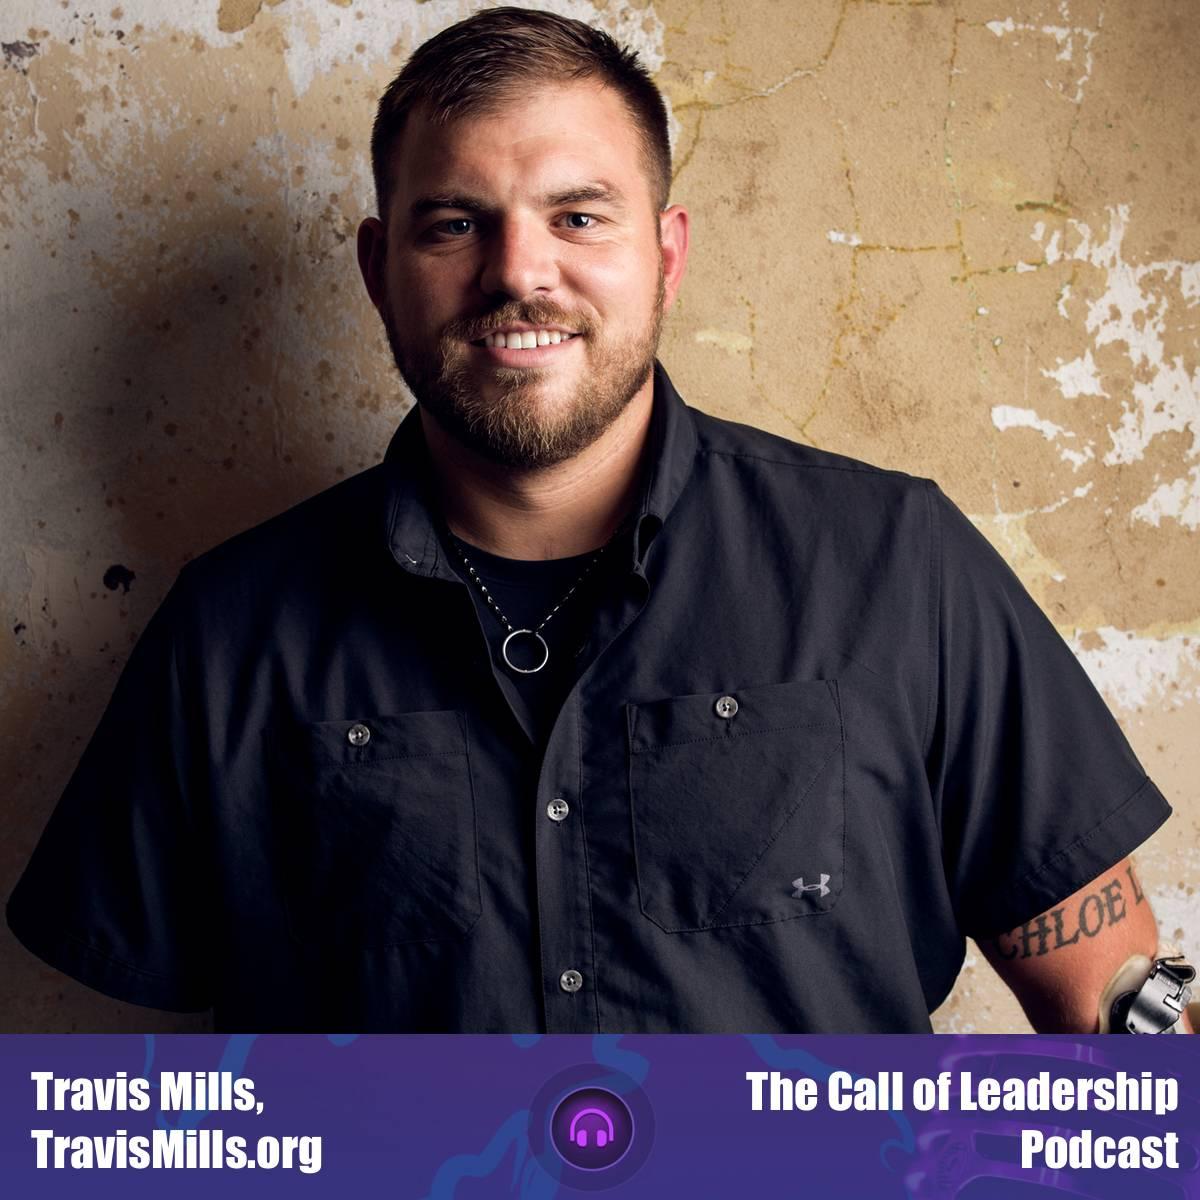 Travis Mills - TravisMills.org